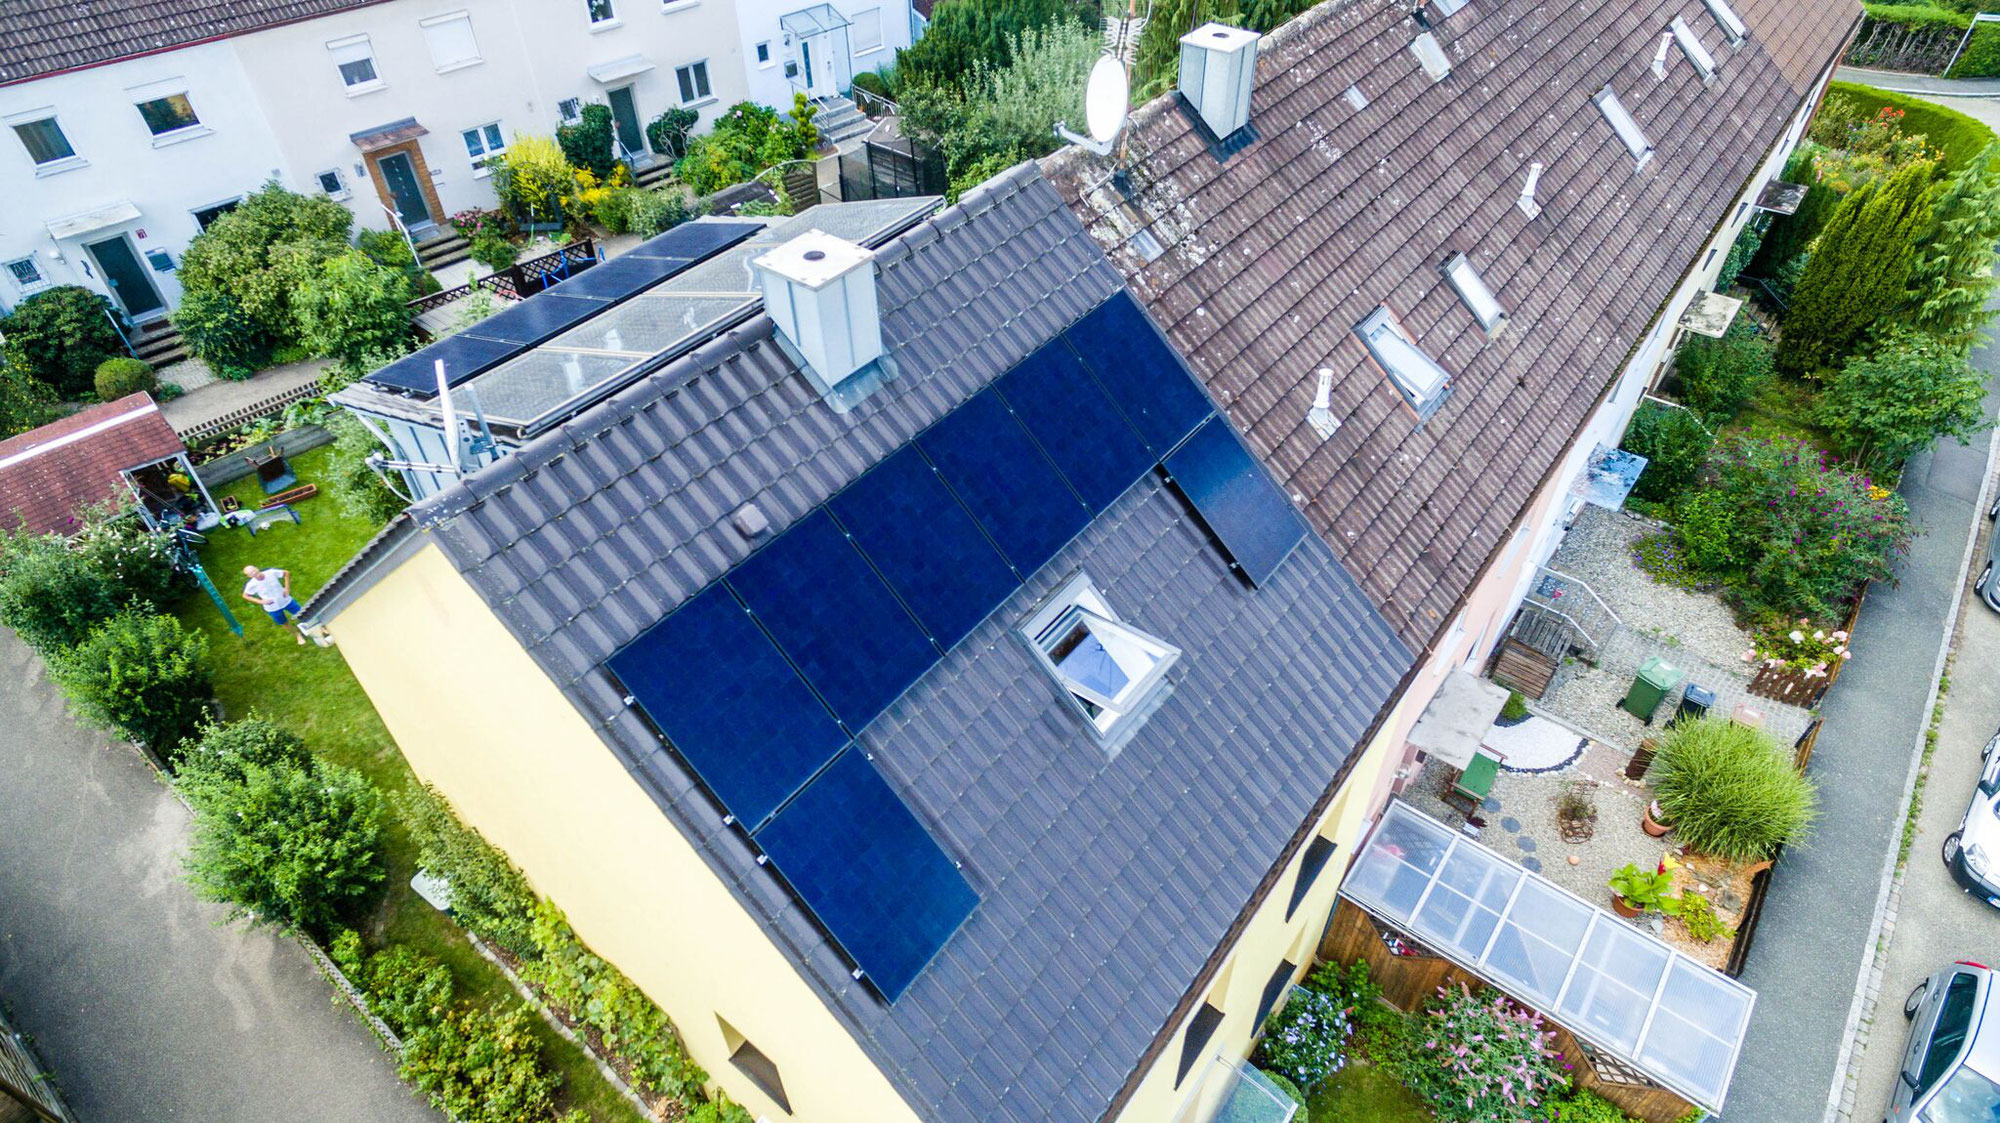 Solaranlage in Eckental